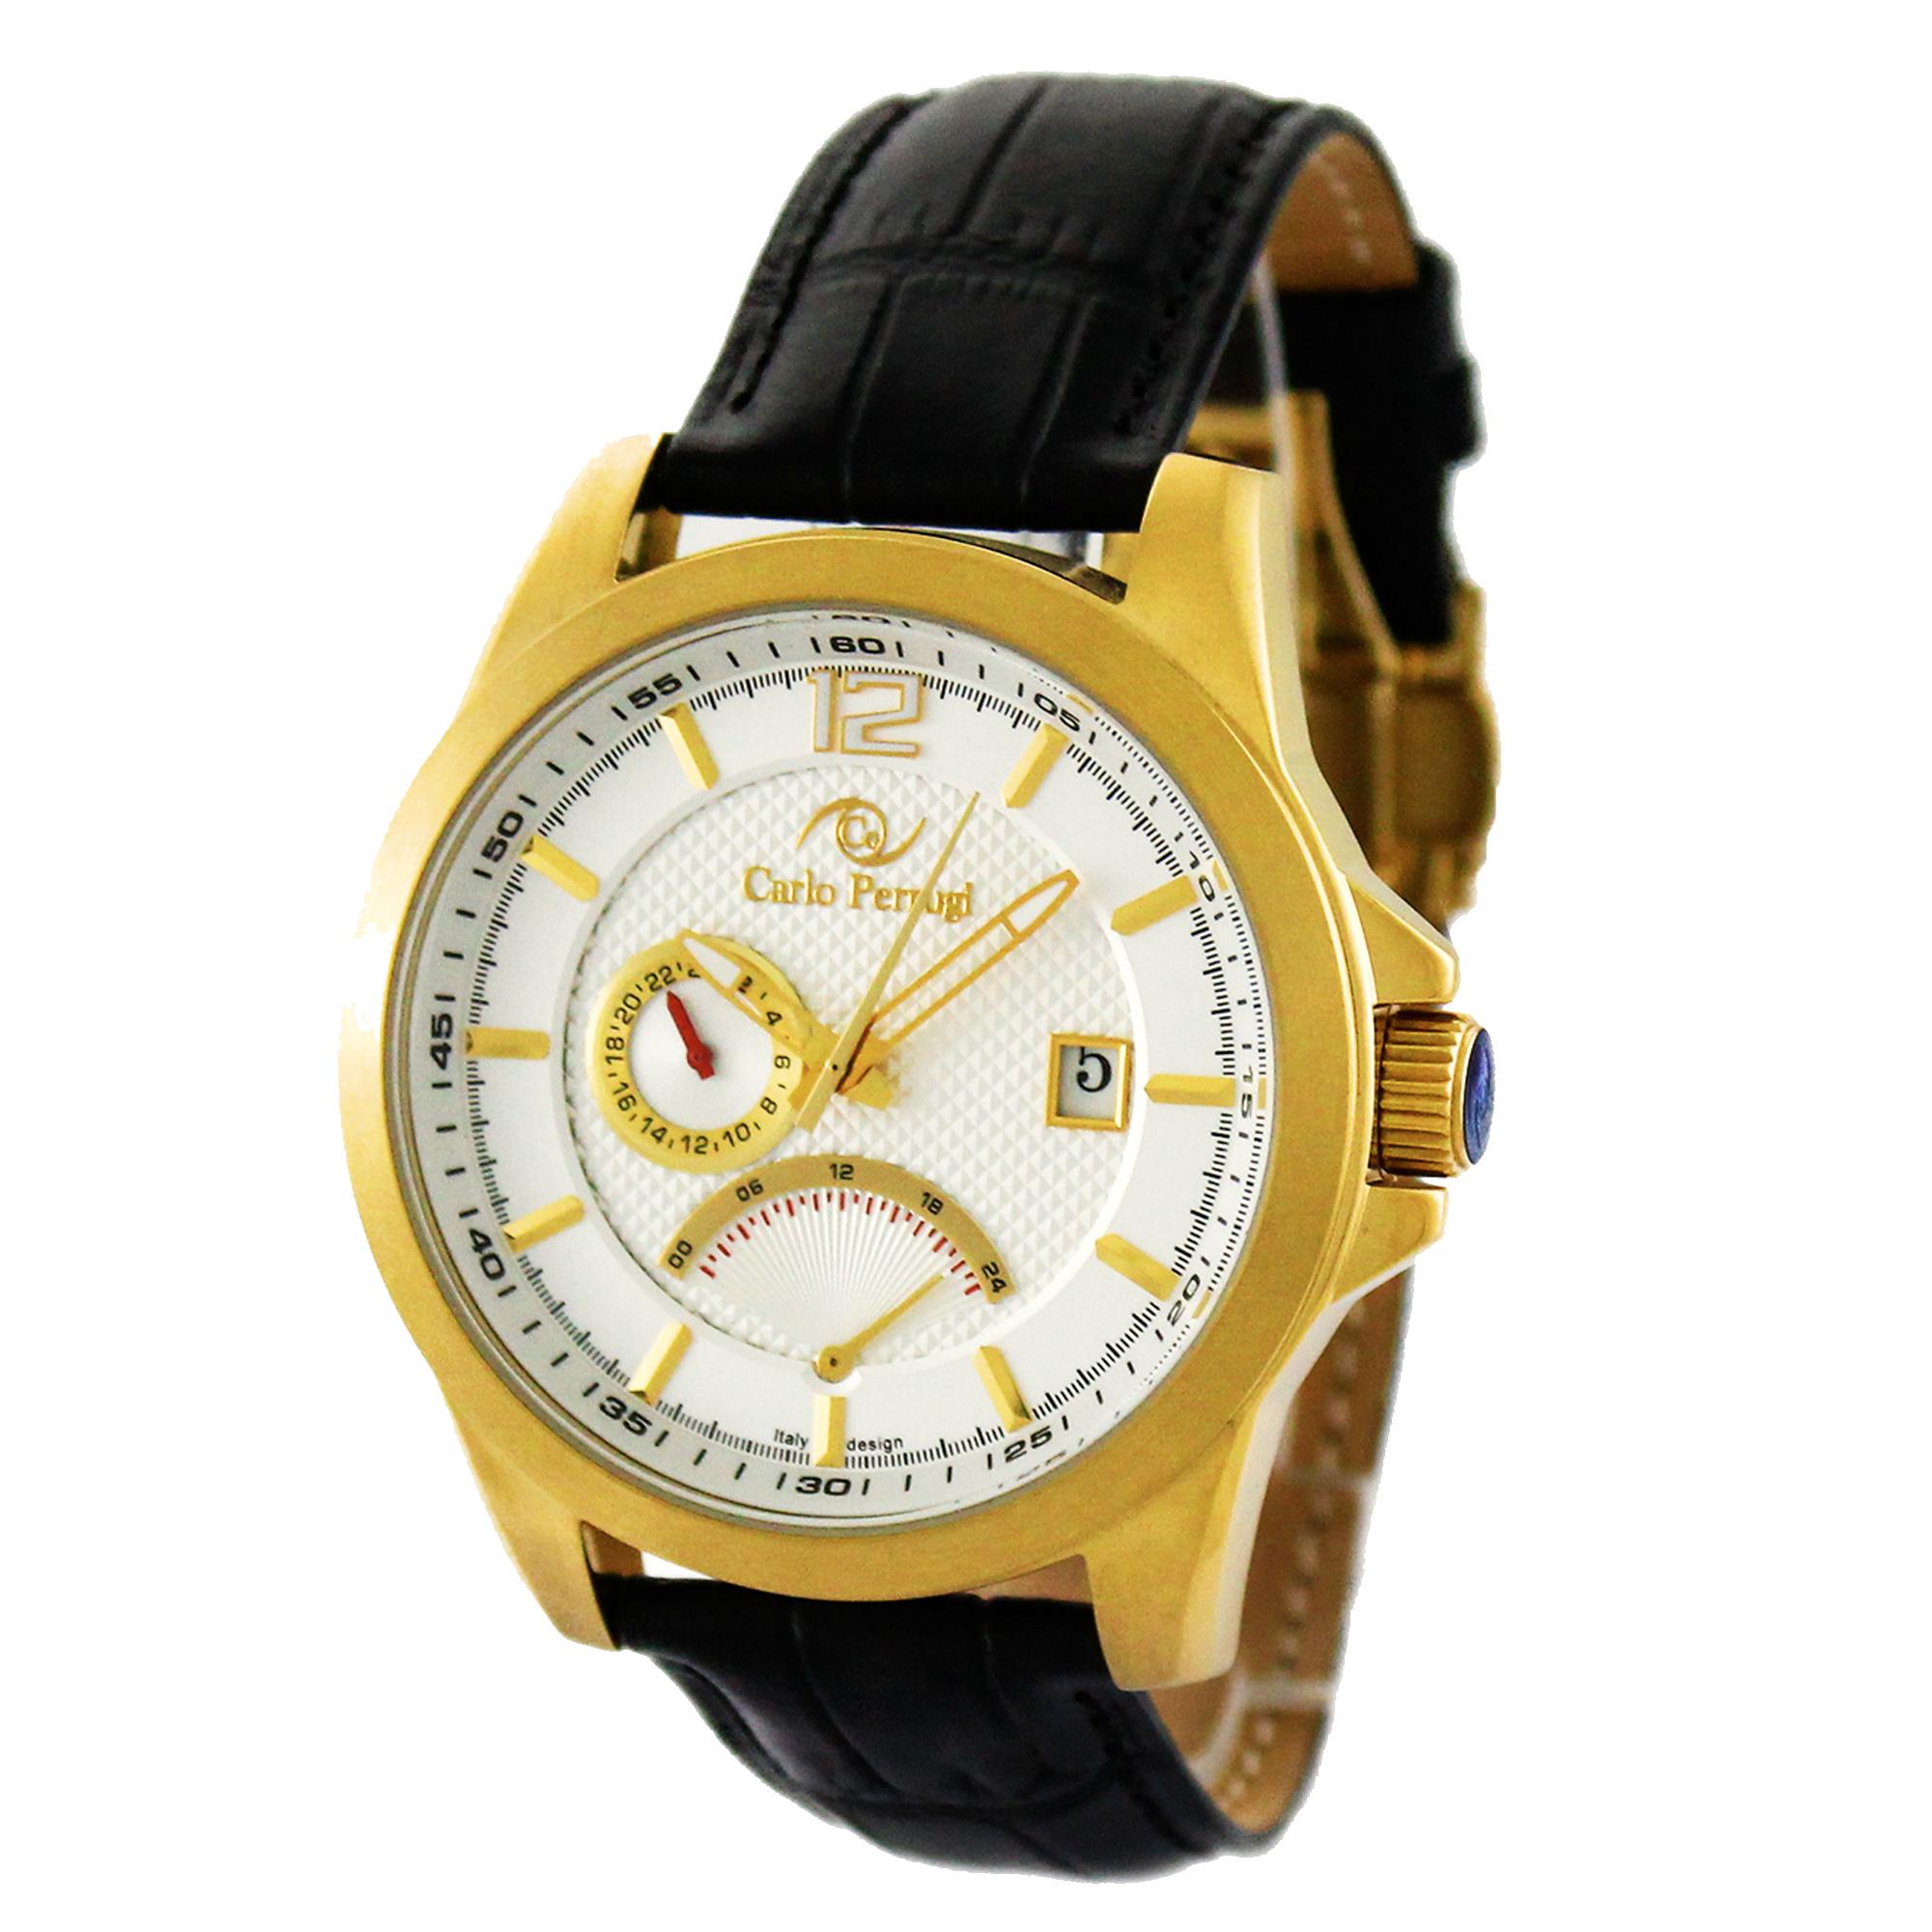 ساعت مچی عقربه ای مردانه کارلو پروجی مدل CG3009 29